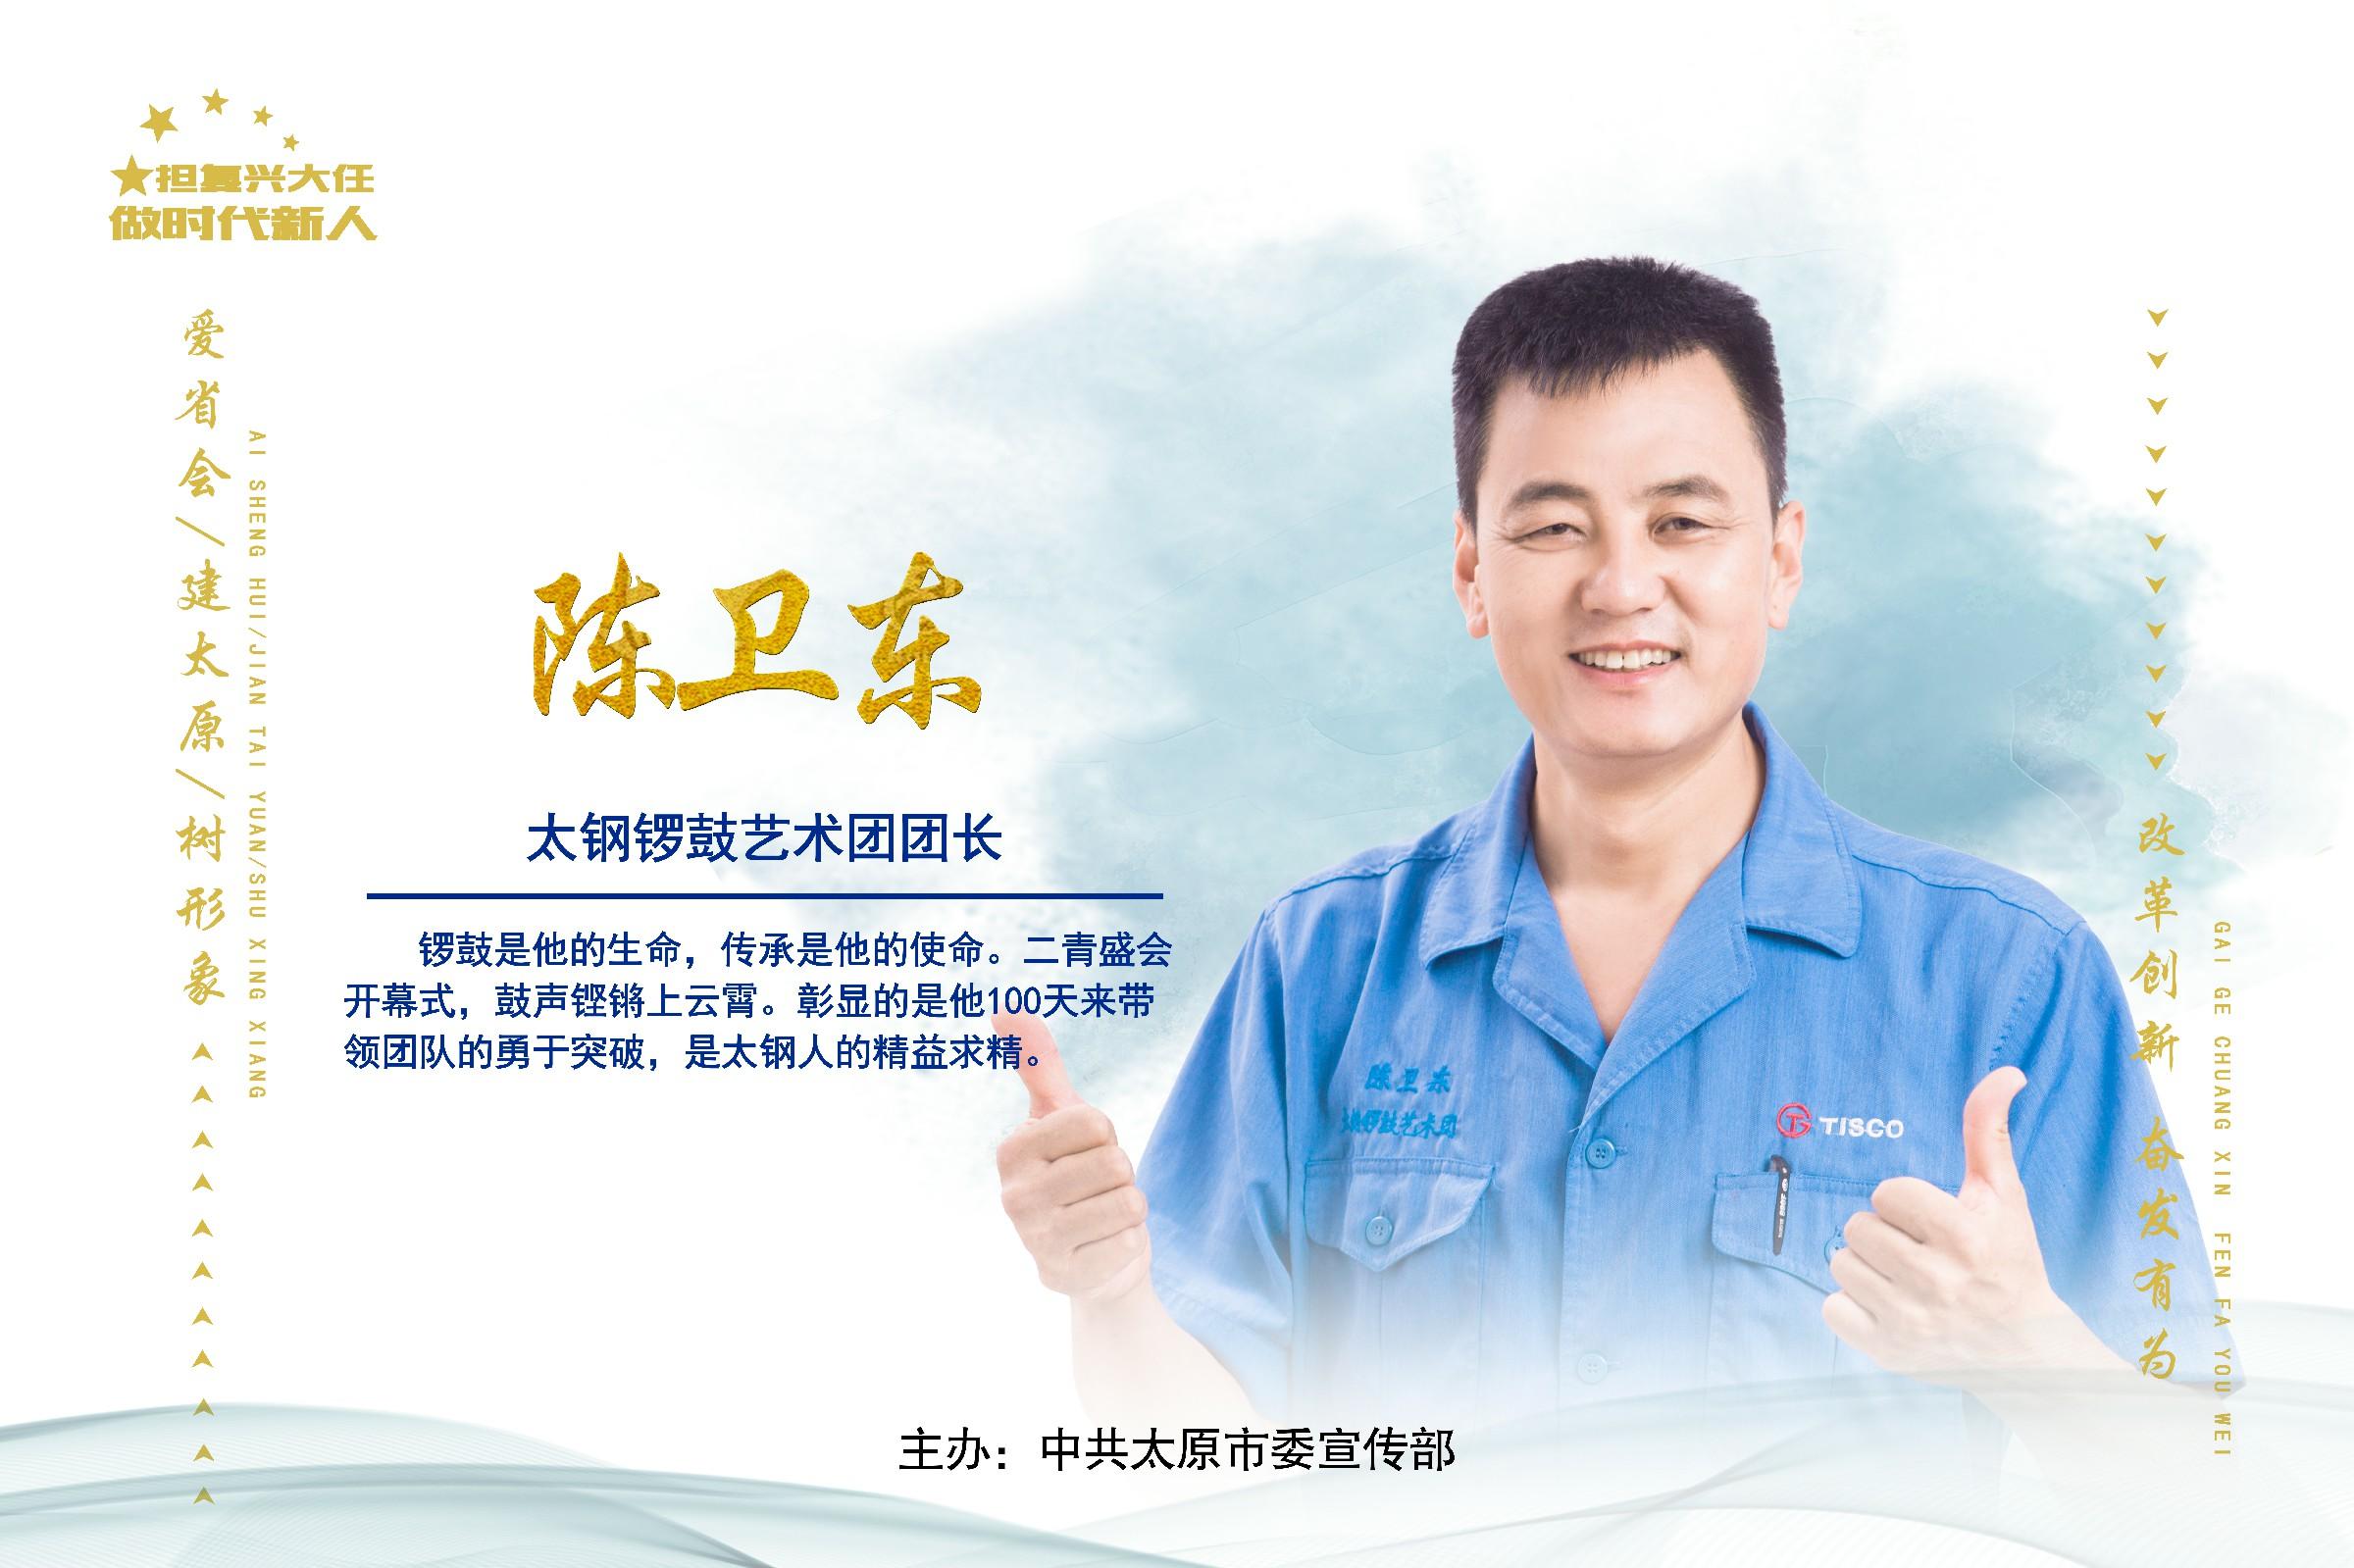 """太原发布8月""""时代新人榜""""  15位时代新人上榜"""